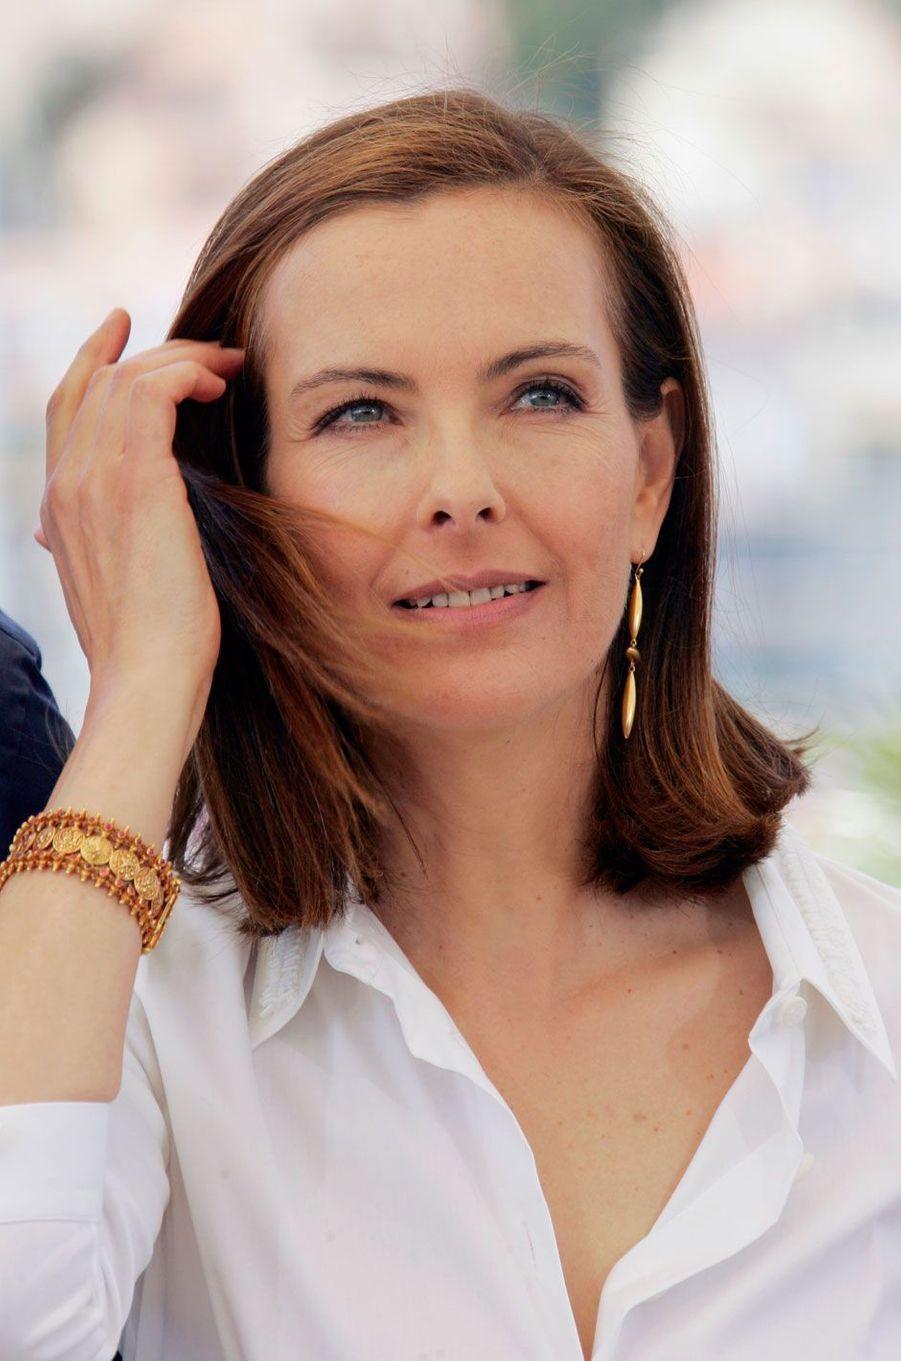 Carole Bouquet en 2005 au Festival de Cannes